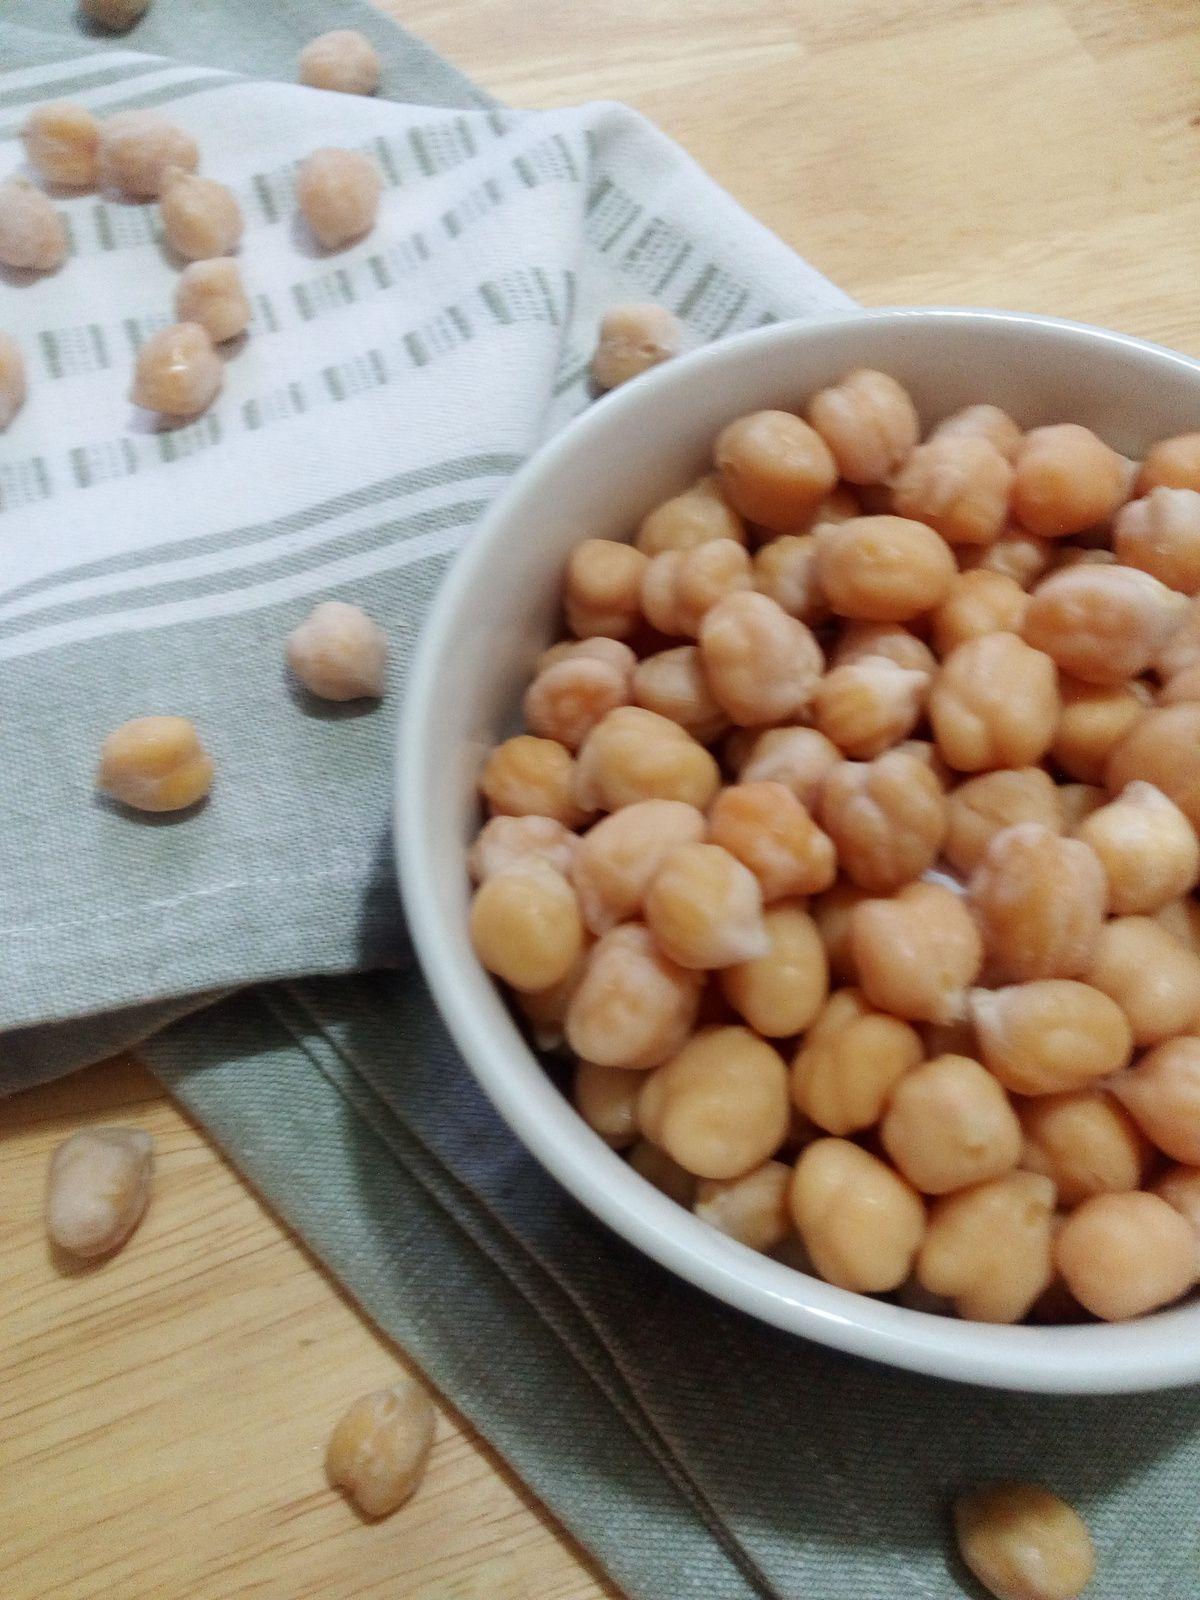 Comment cuire ou préparer des pois chiches secs à la maison?